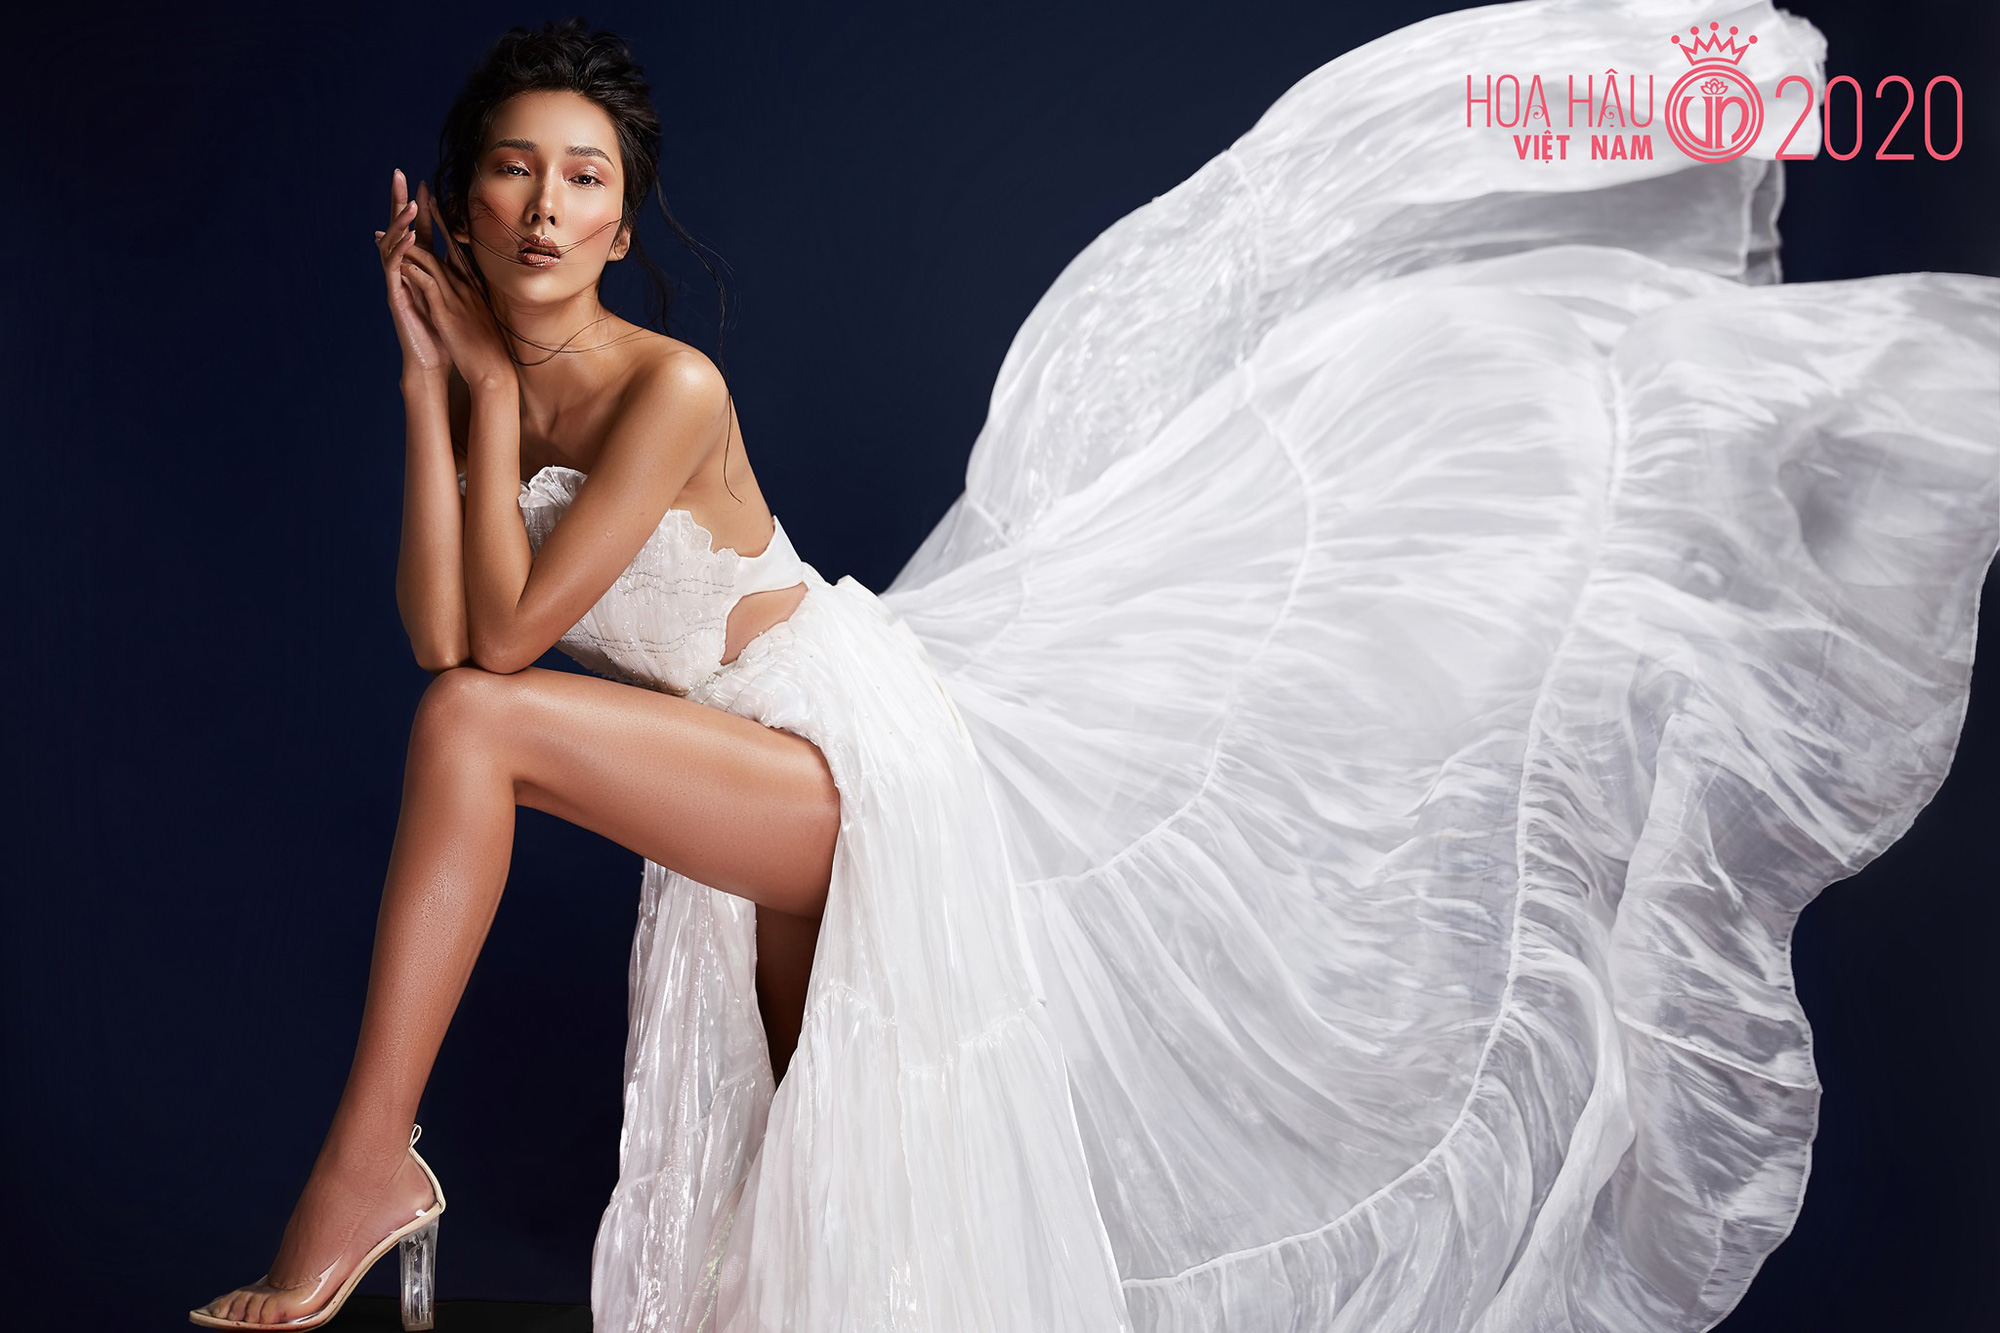 Bản sao Hoàng Thùy tại Hoa hậu Việt Nam: Thu hút lạ, thần thái chất hơn nước cất nhưng từng gây tranh cãi vì phát ngôn - Ảnh 6.